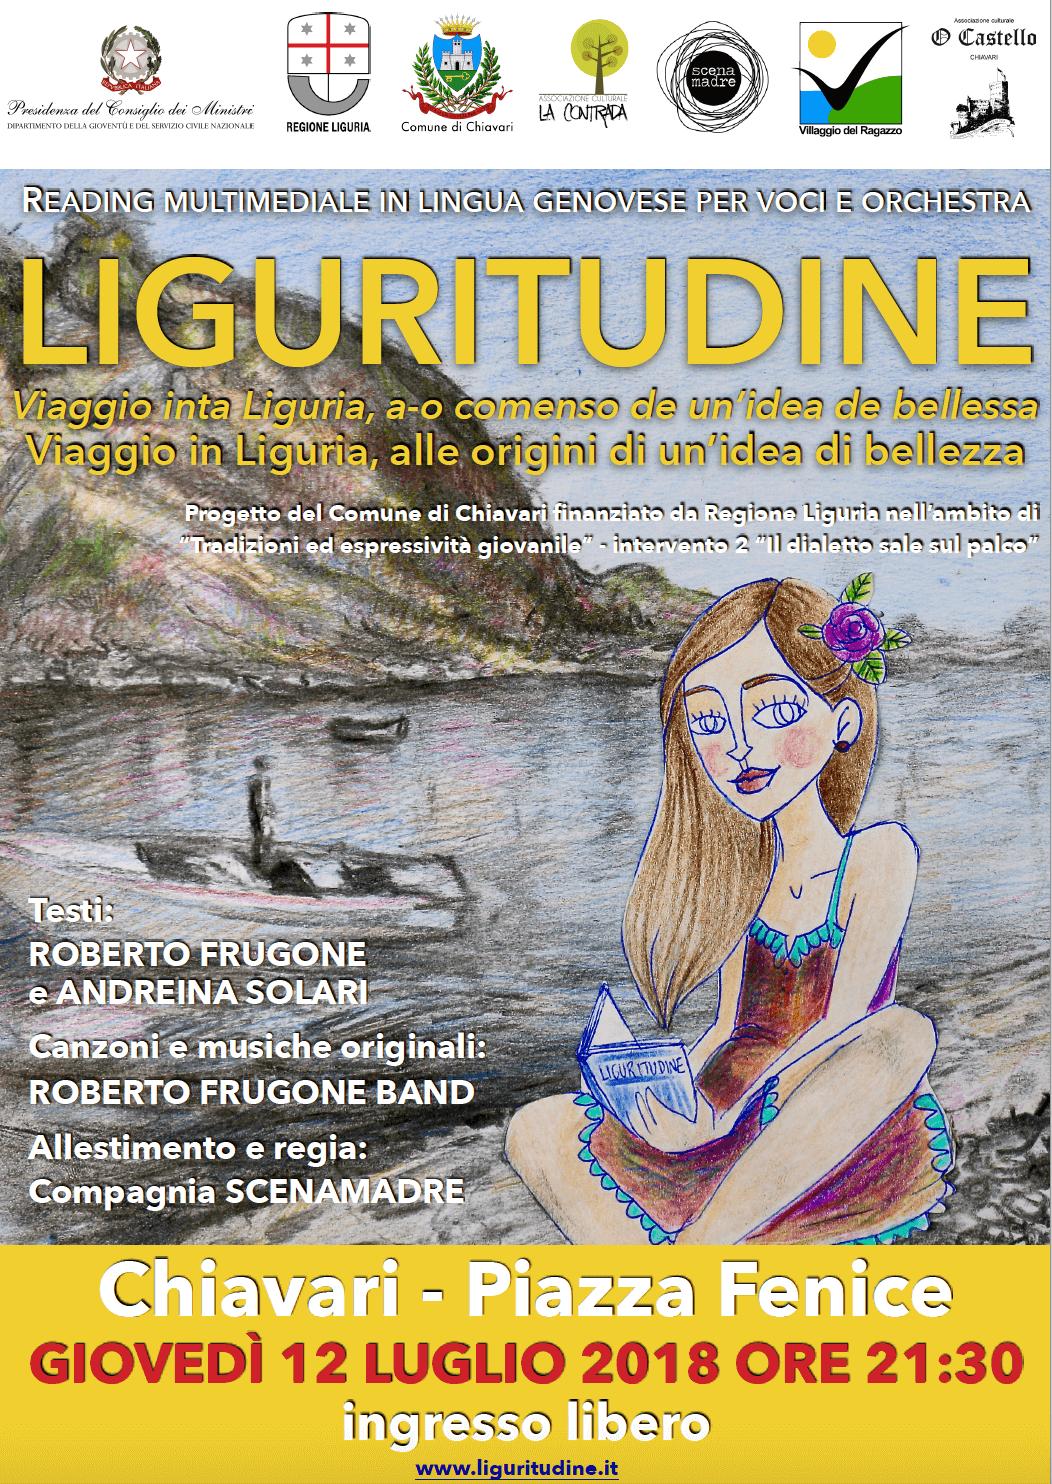 Liguritudine - locandina spettacolo 12 luglio 2018